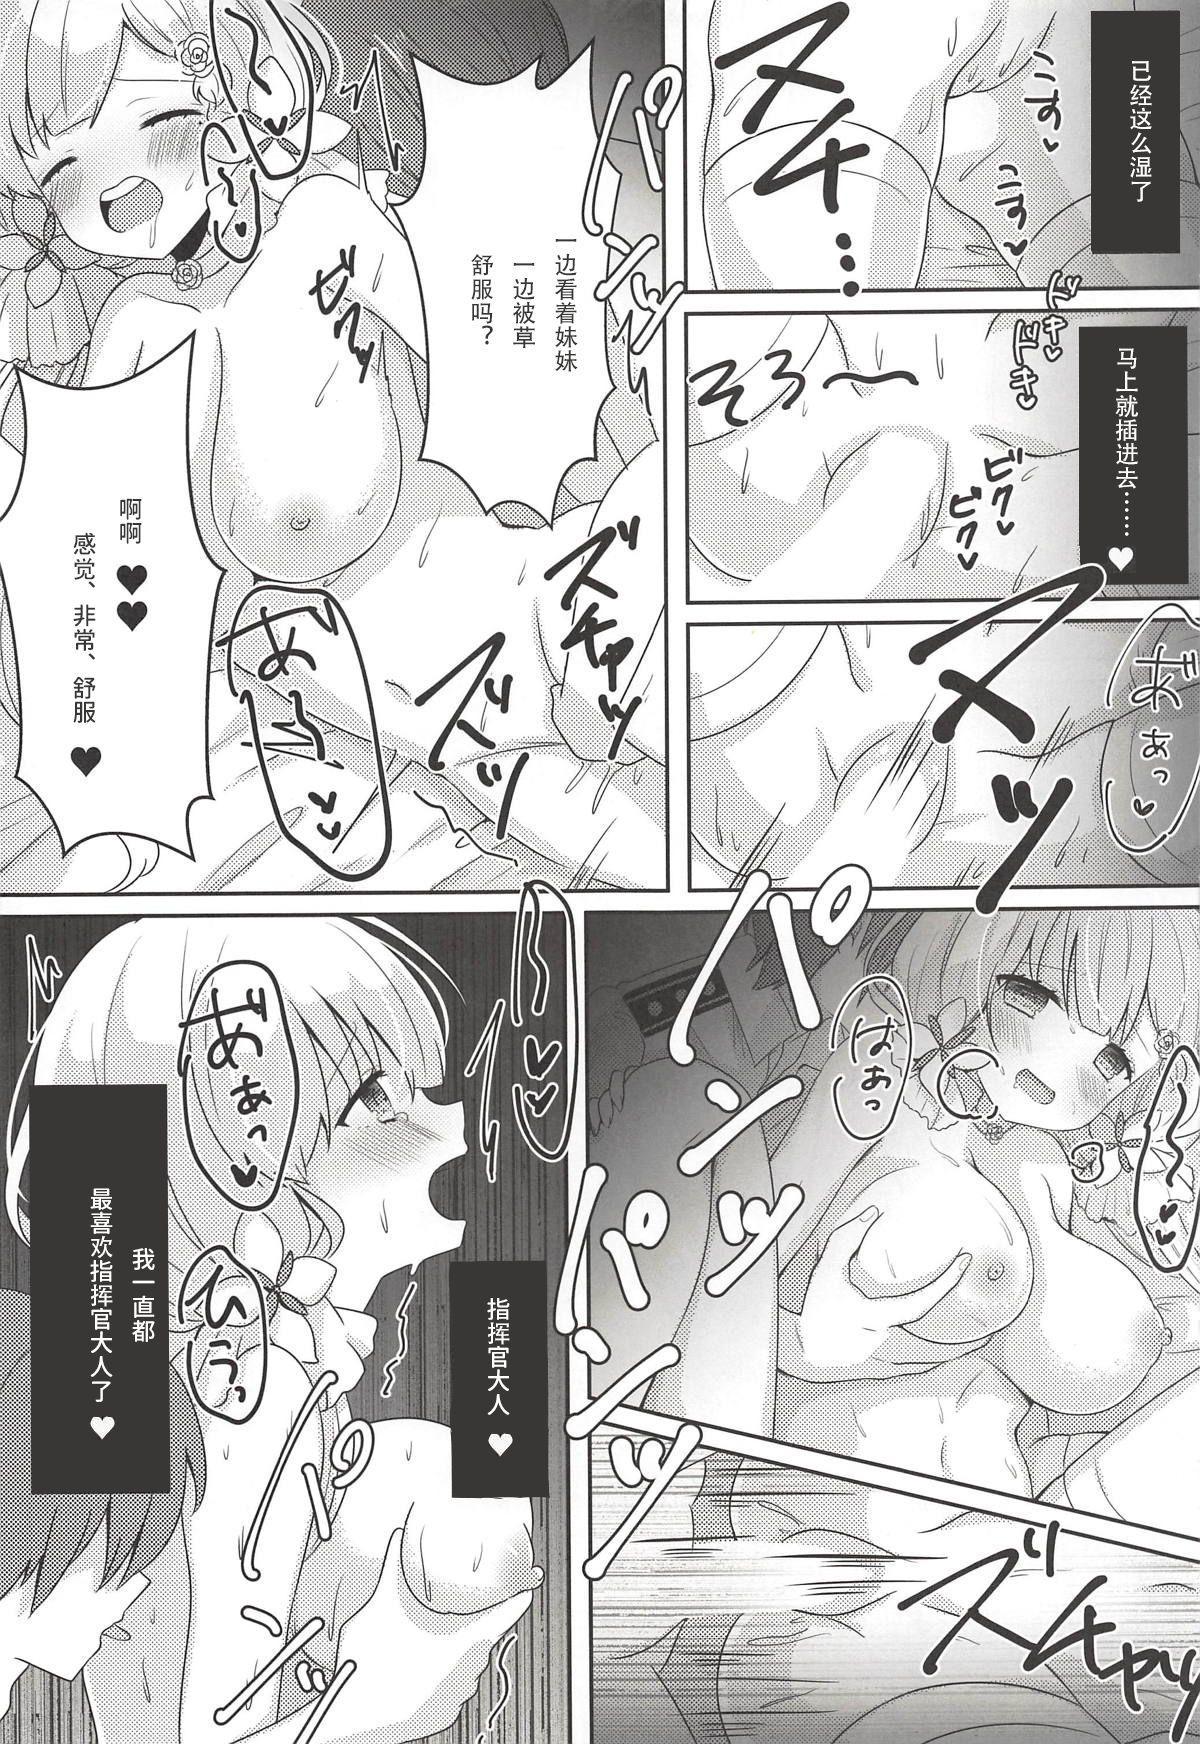 Hanayome no Tonari de 9